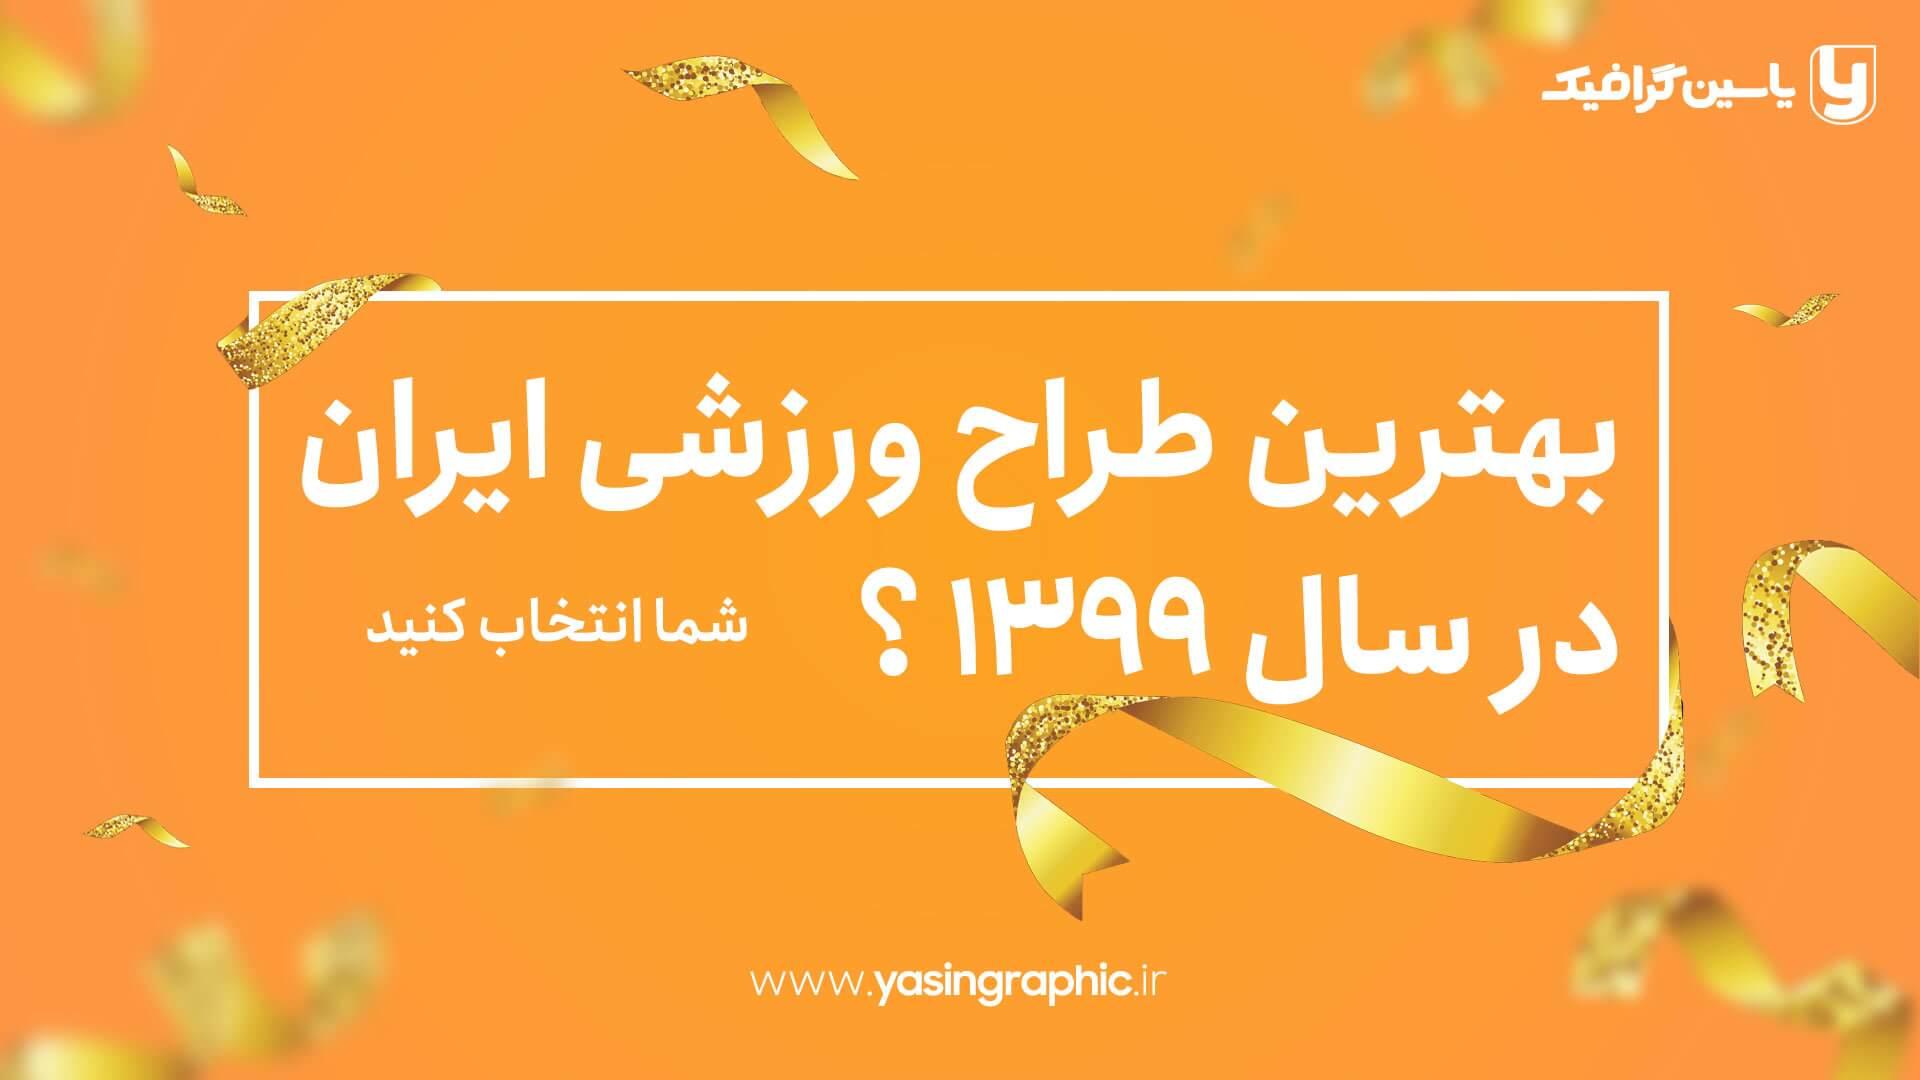 بهترین طراح ورزشی ایران در سال 1399